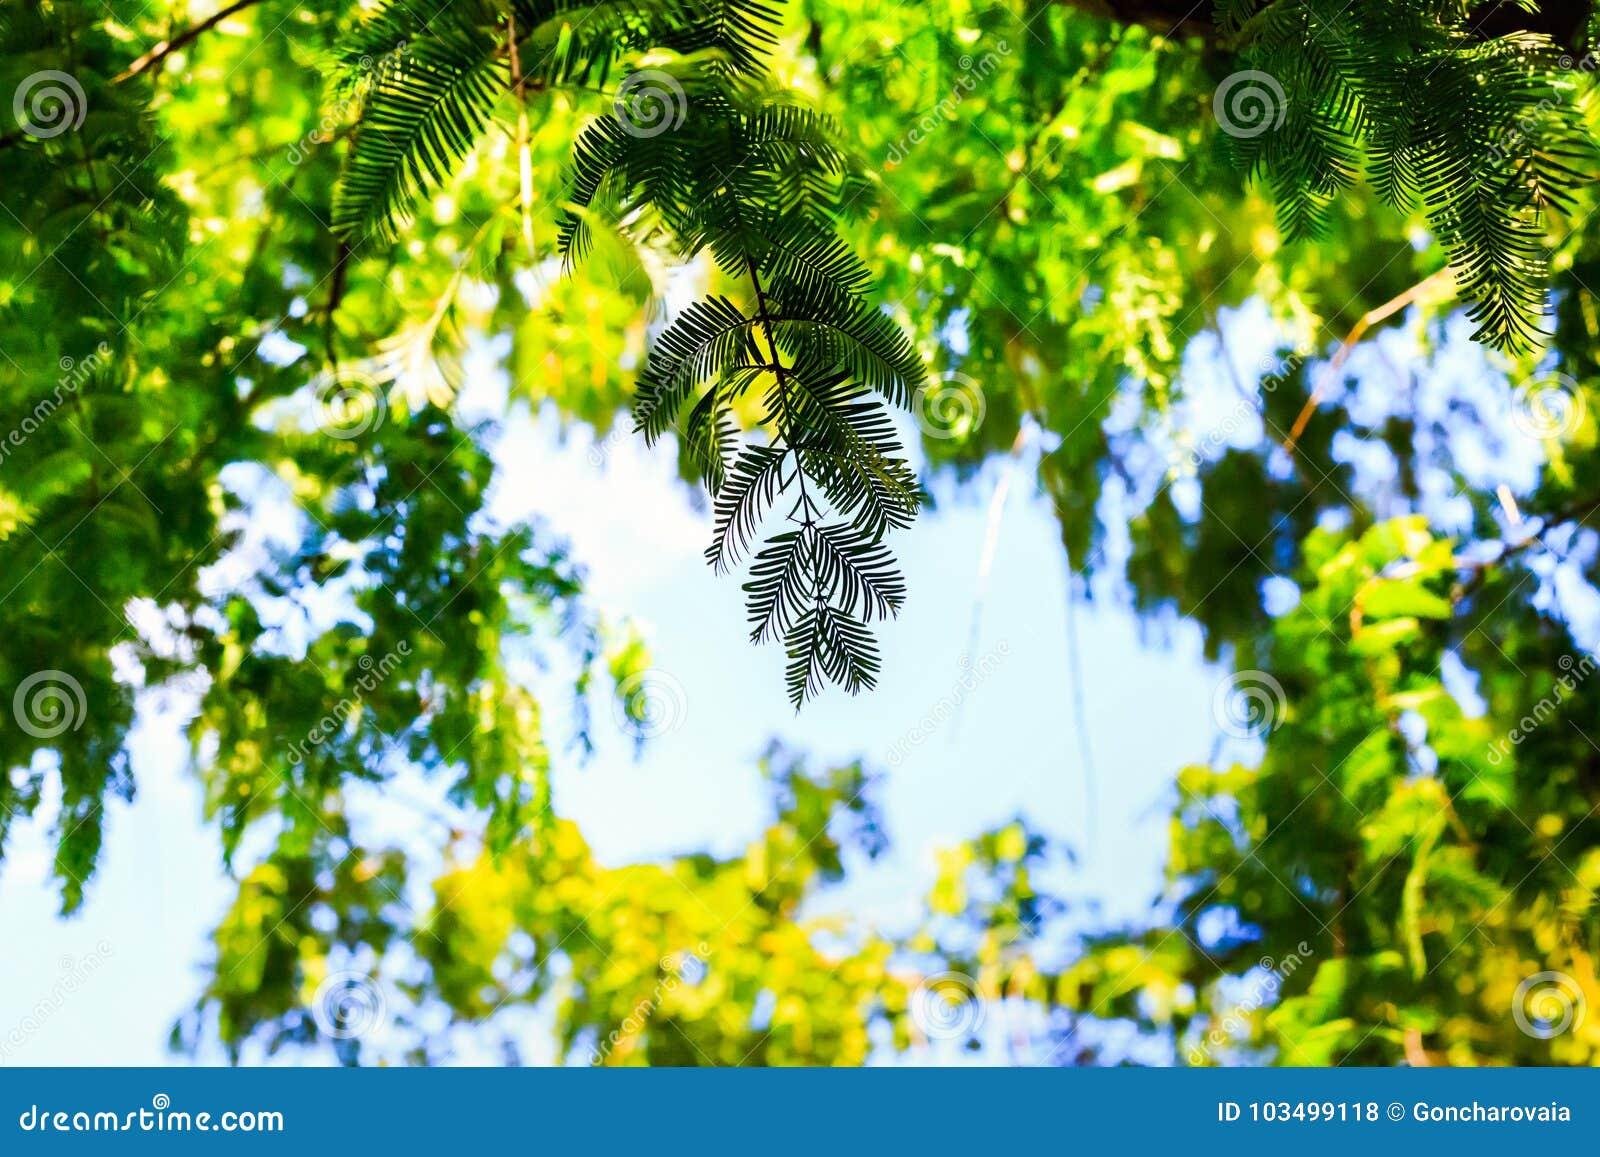 Mostre em silhueta as plantas tropicais no céu azul, folhas verdes da samambaia nos trópicos verão e feriado do conceito da flore